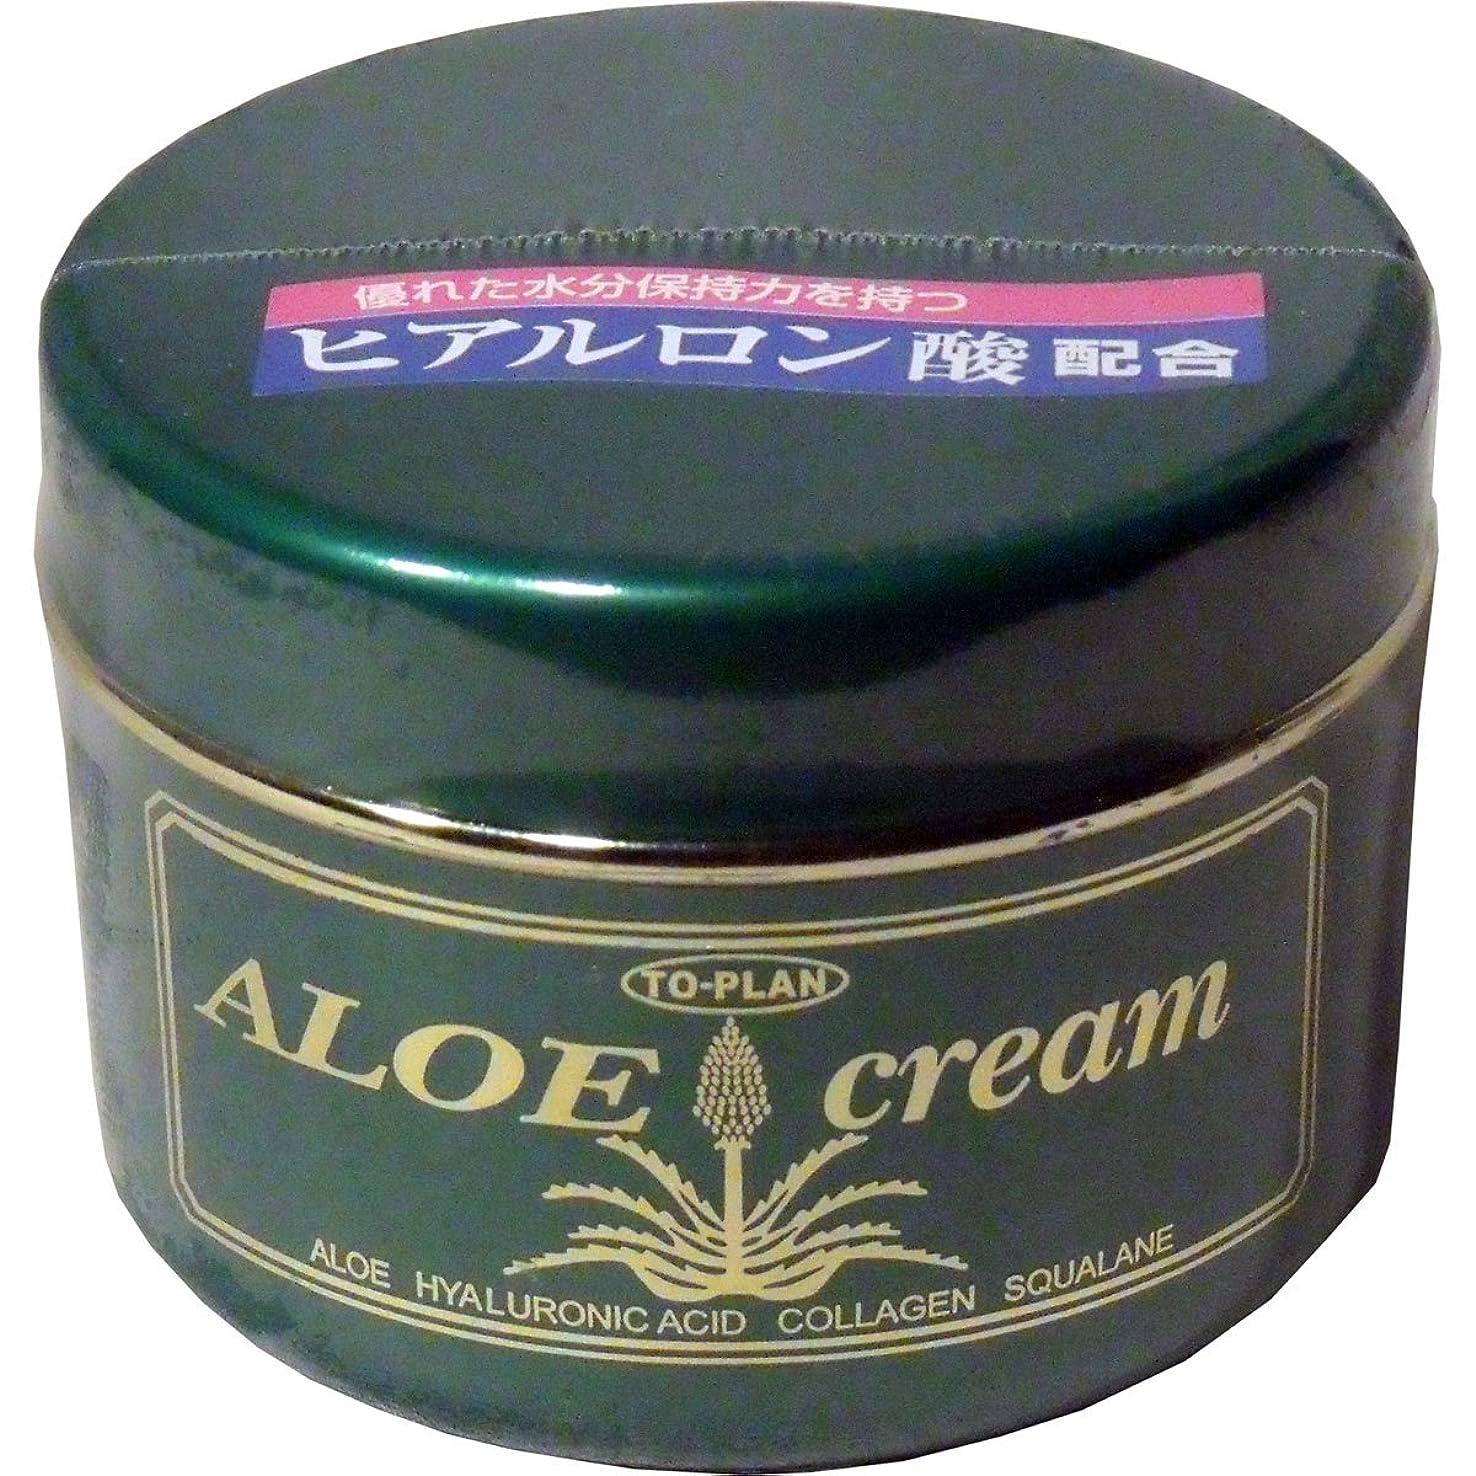 メディカルスカート現代トプラン ハーブフレッシュクリーム(アロエクリーム) ヒアルロン酸 170g ×6個セット